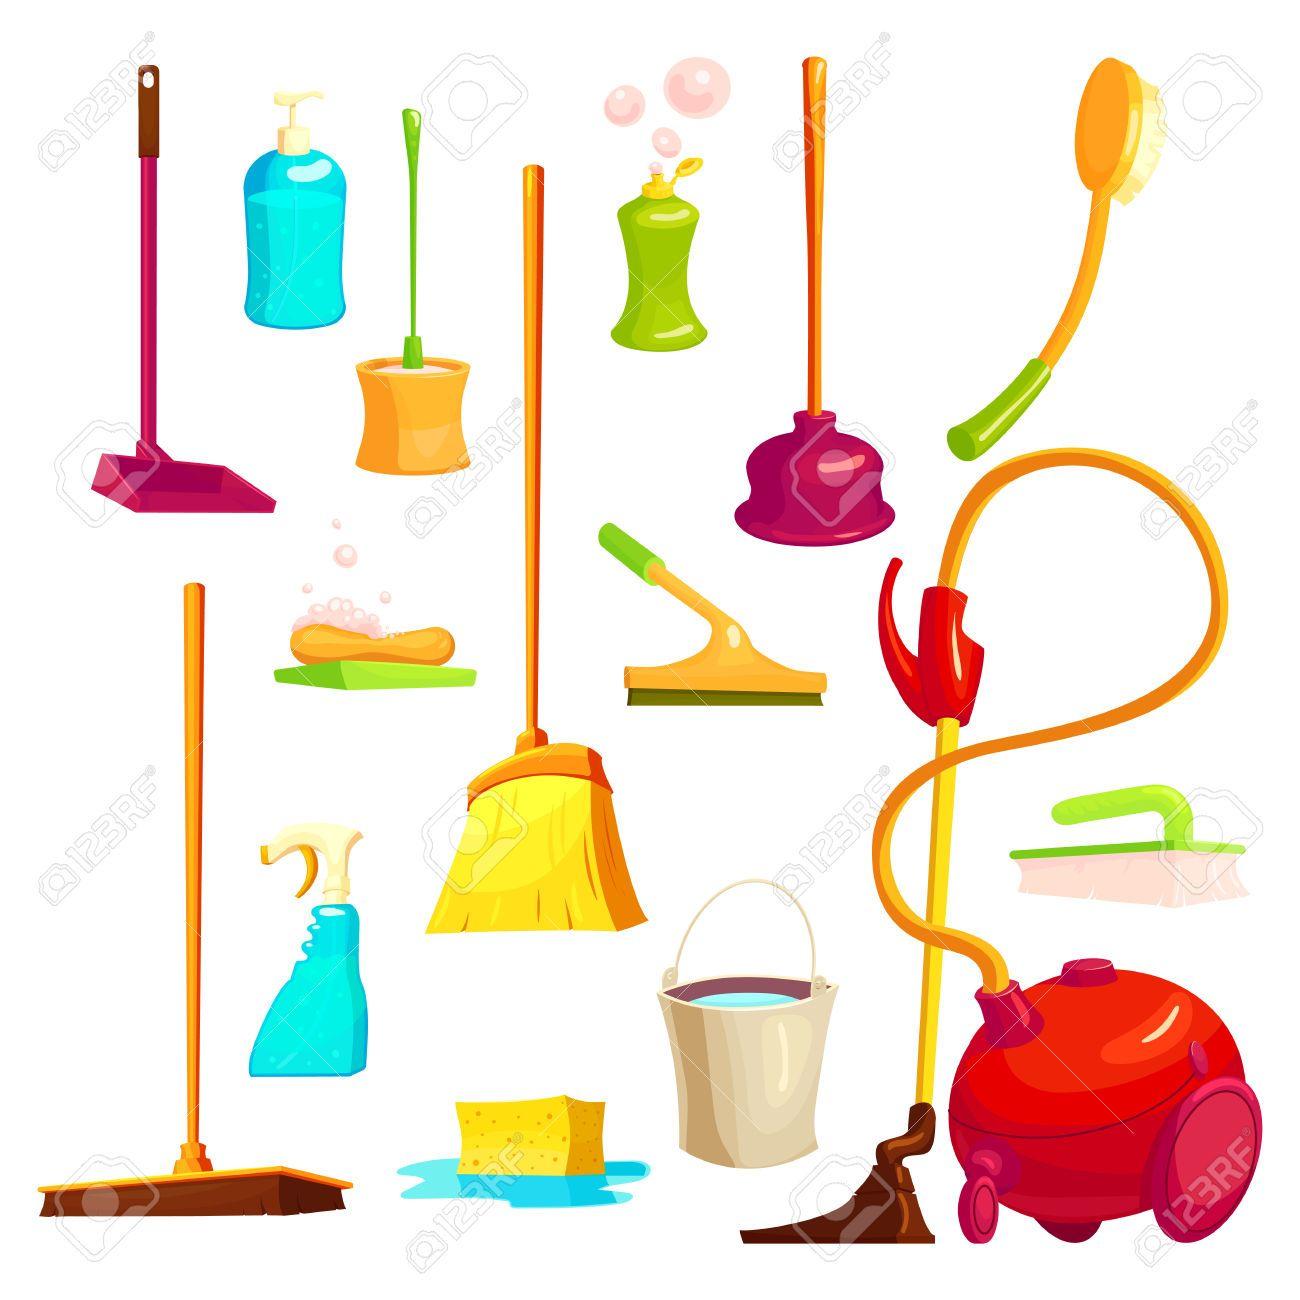 Resultado de imagen para utensilios de limpieza hogar for Utensilios de hogar